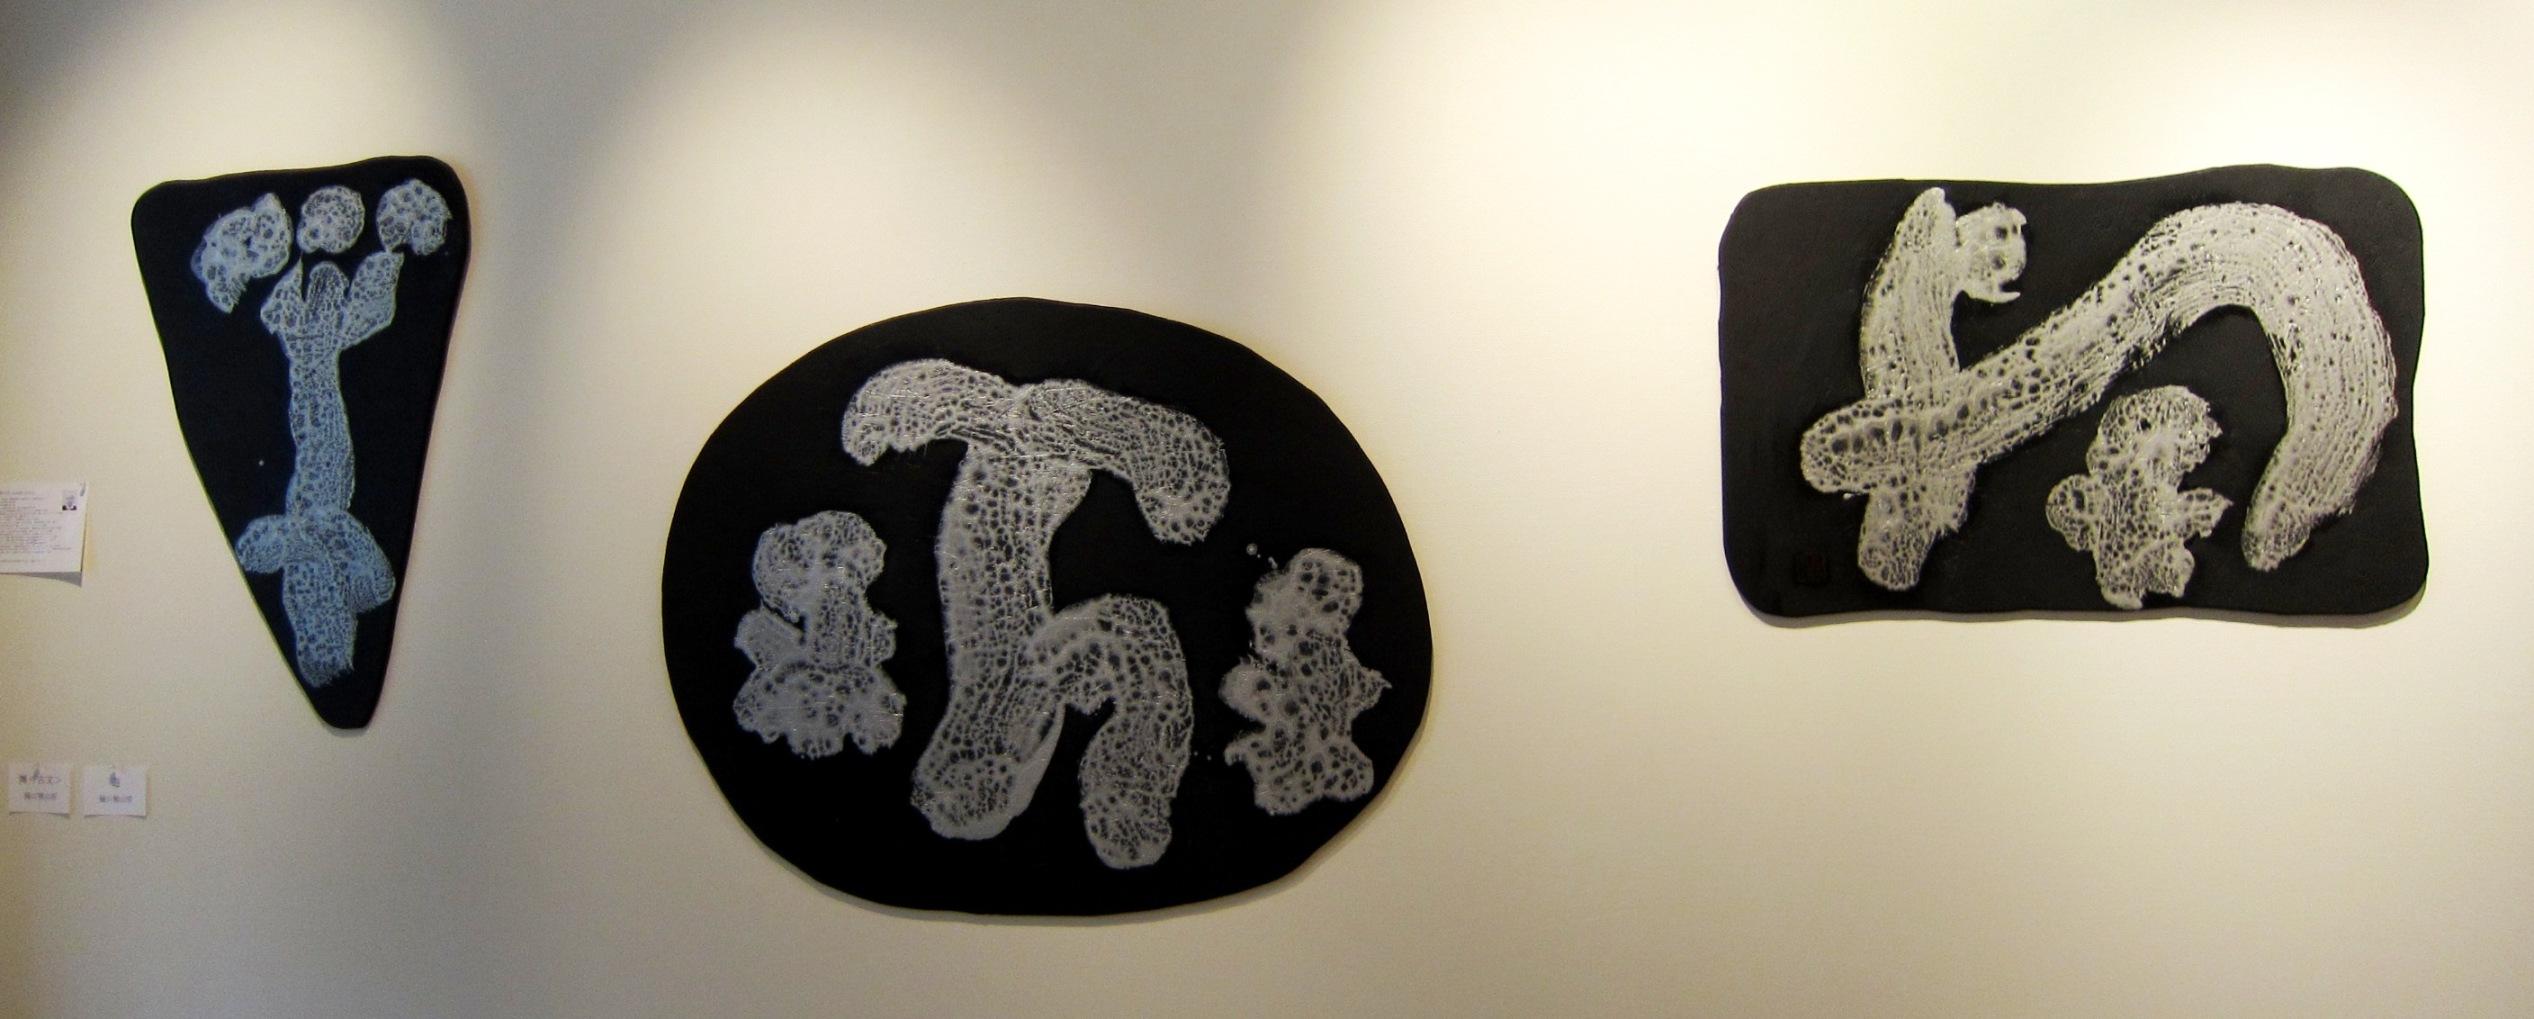 2065)「[現代書と彫刻のコラボレーション] -環境空間アートの提案-」 エッセ 5月21日(火)~5月26日(日)_f0126829_10163494.jpg